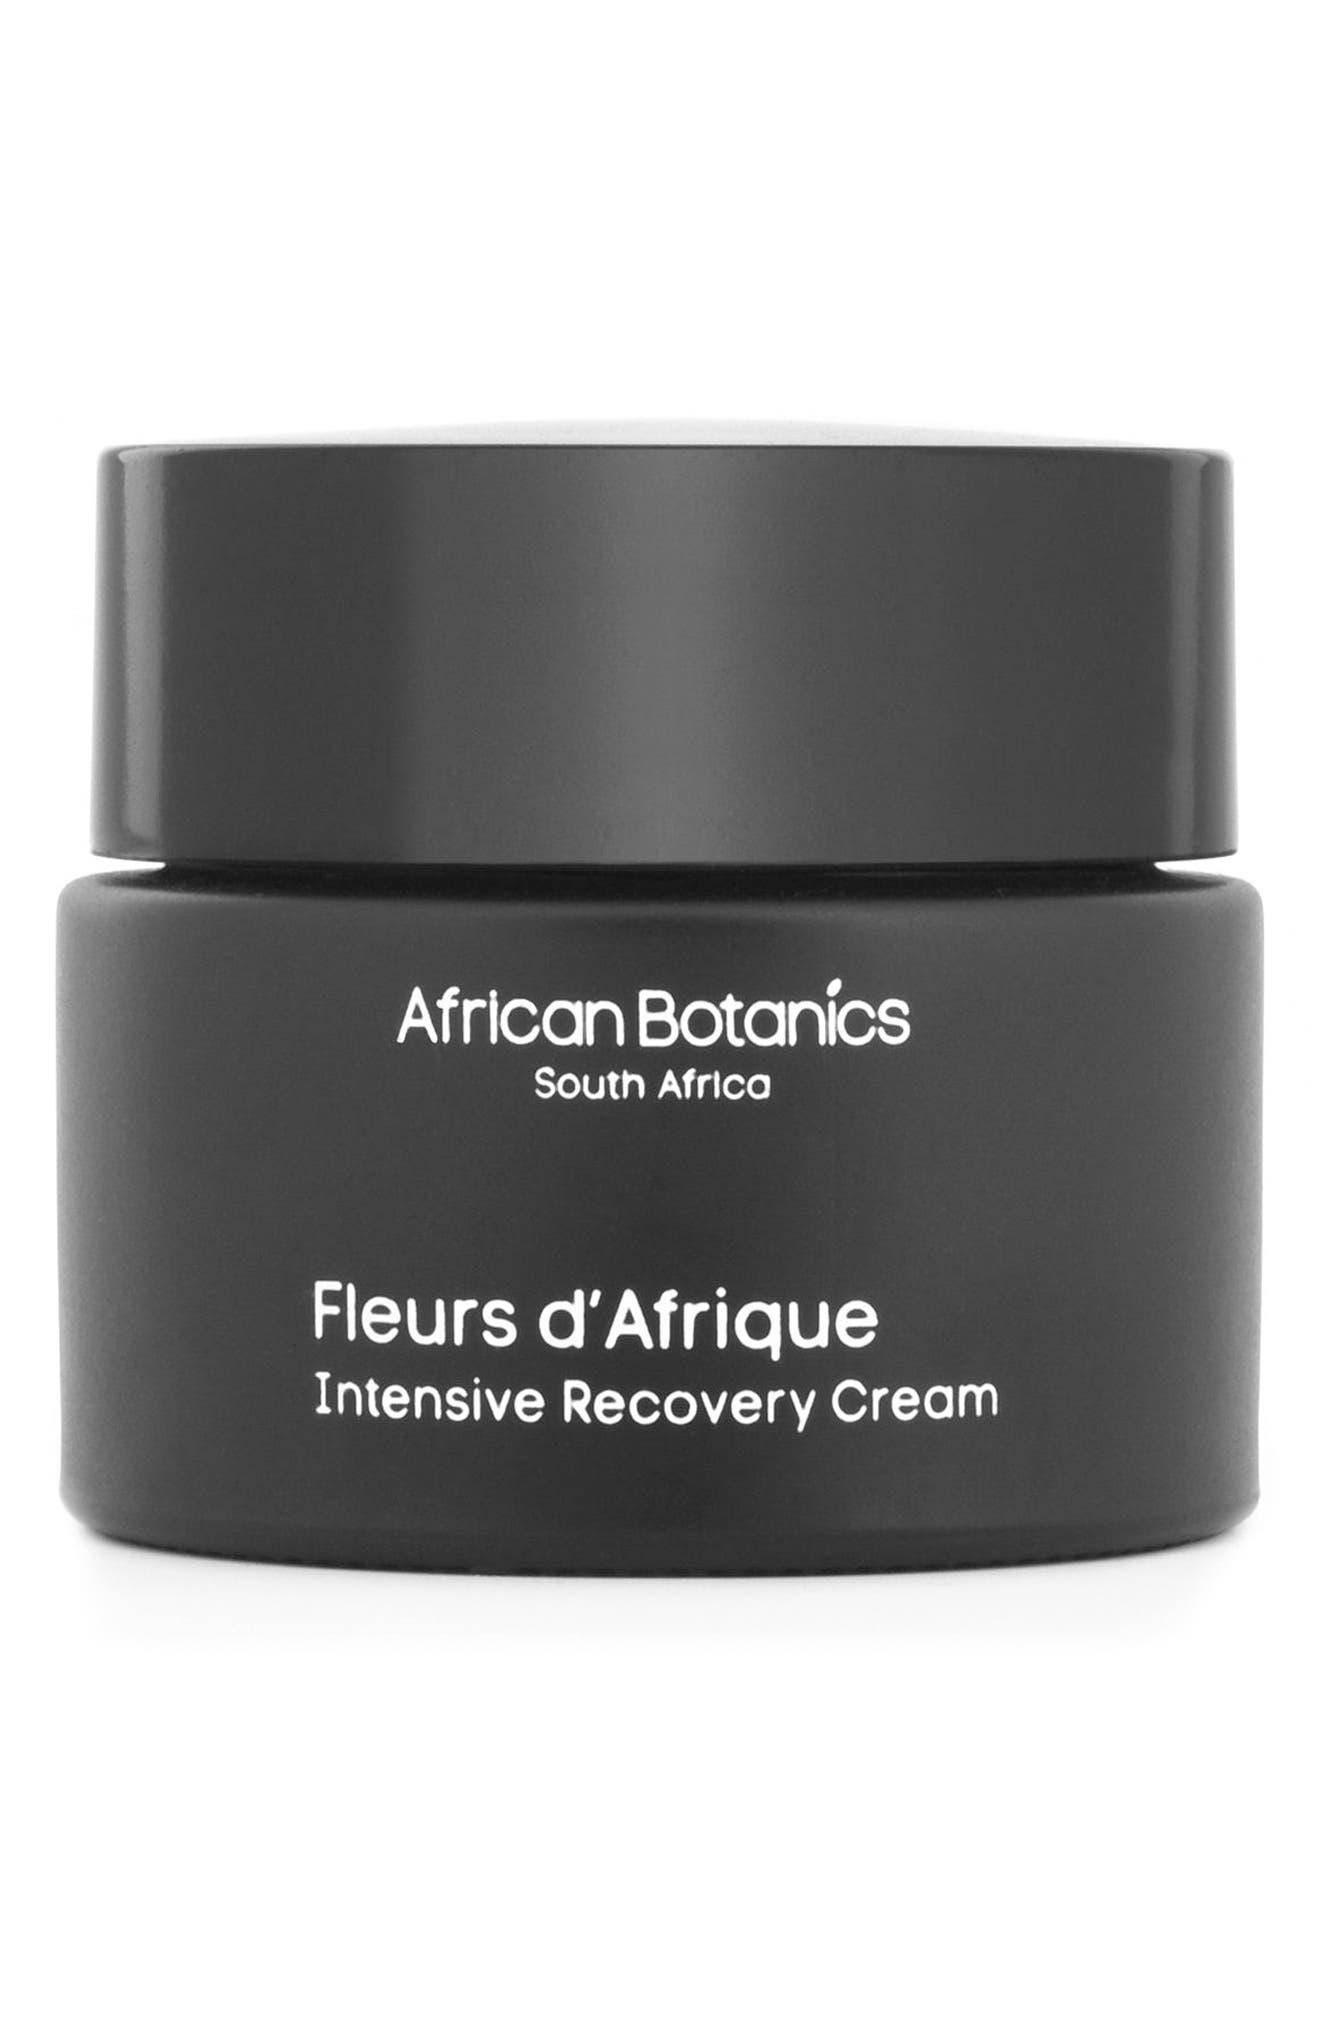 Fleurs d'Afrique Intensive Recovery Cream,                             Main thumbnail 1, color,                             NO COLOR